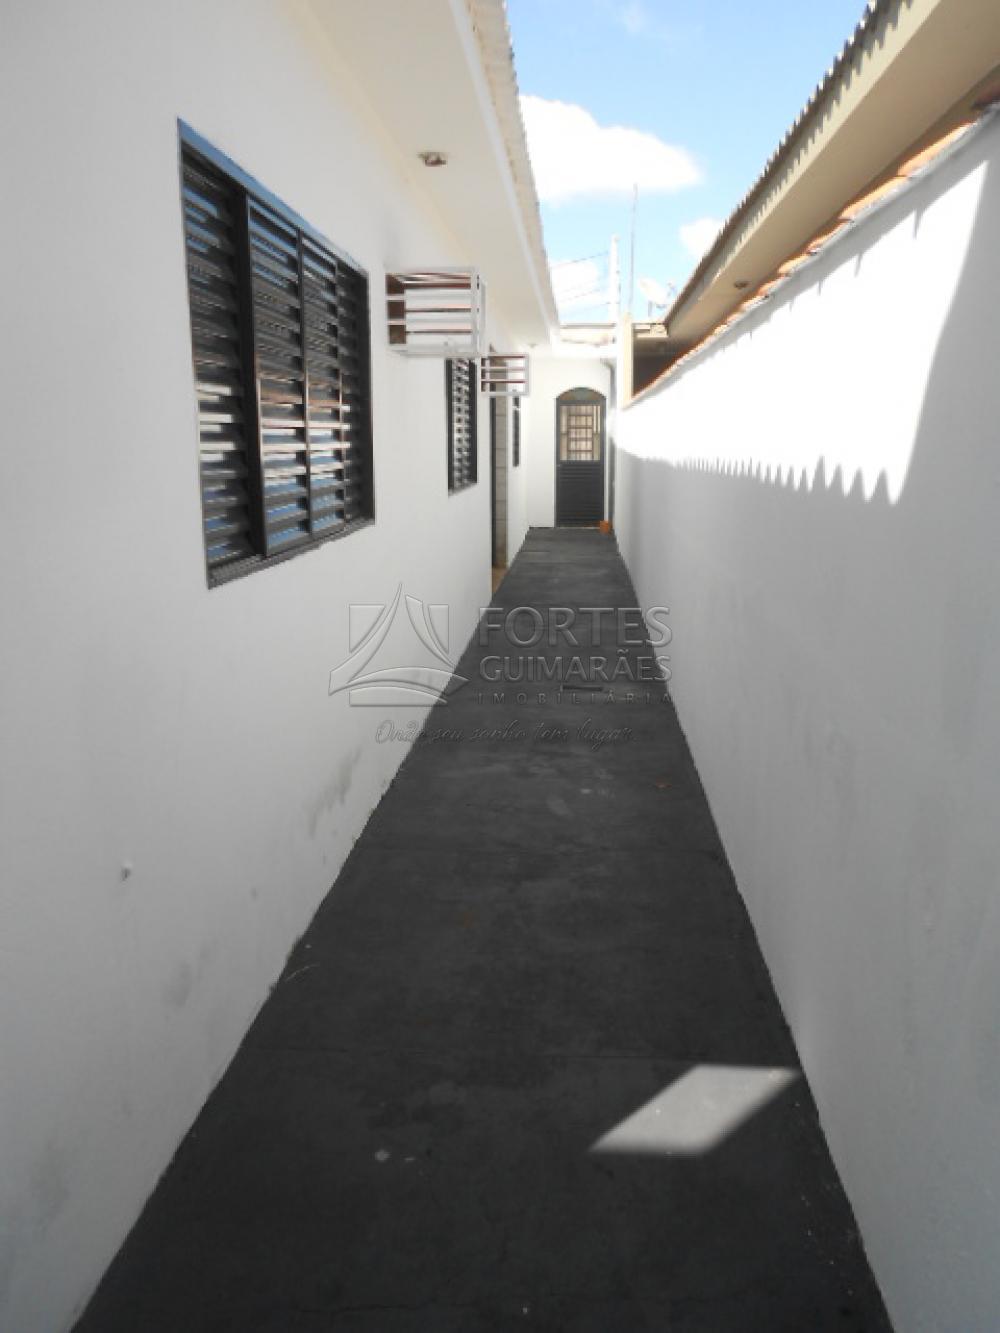 Alugar Casas / Padrão em Ribeirão Preto apenas R$ 950,00 - Foto 36